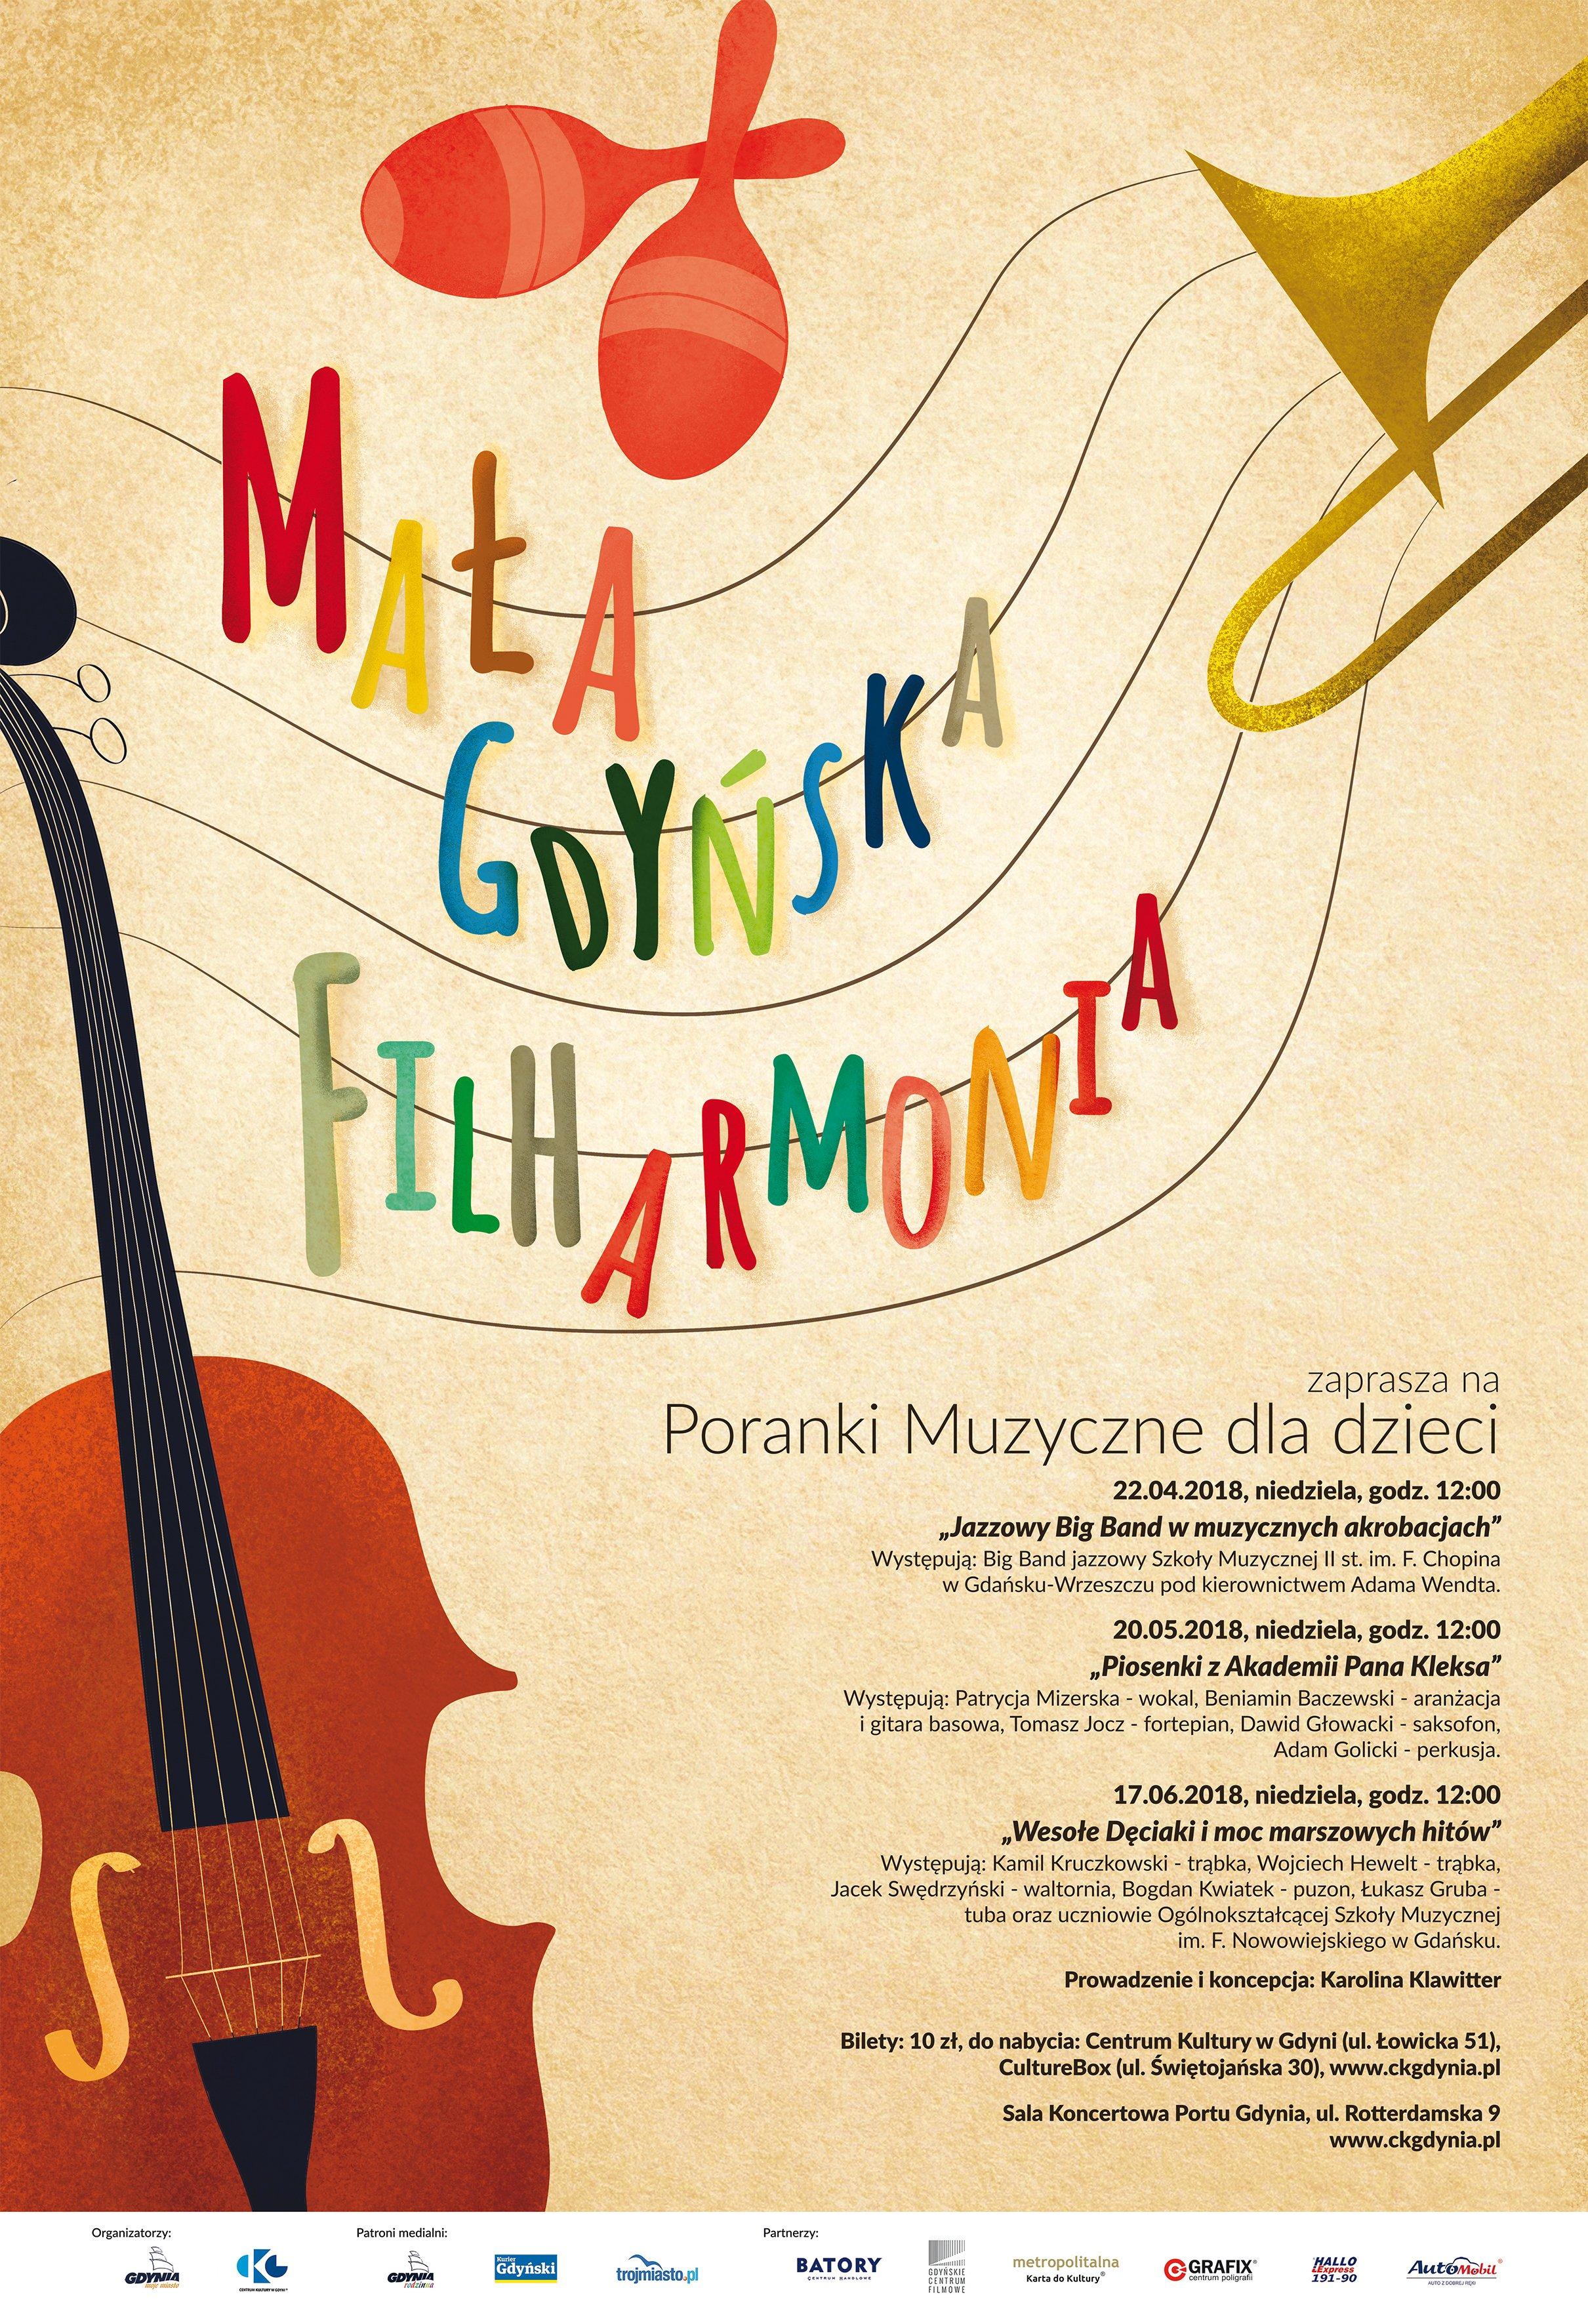 Mała Gdyńska Filharmonia: Jazzowy Big Band w muzycznych akrobacjach